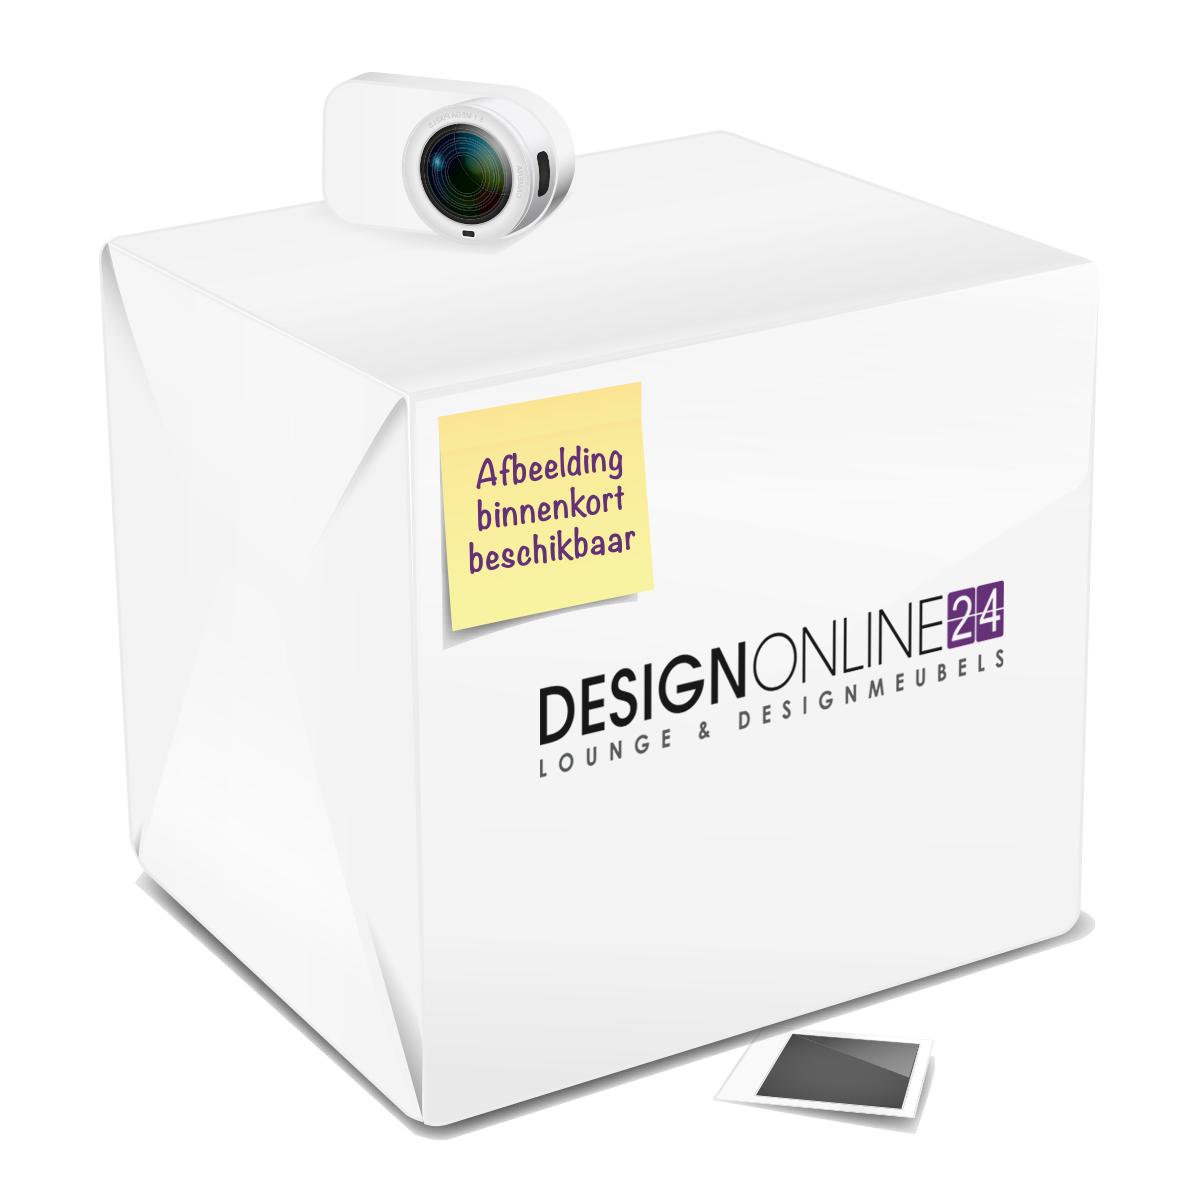 24Designs 24Designs Loungeset voor 4 Personen - Marina - Bruin/Grijs Polyrattan Wicker met Grijze kussens